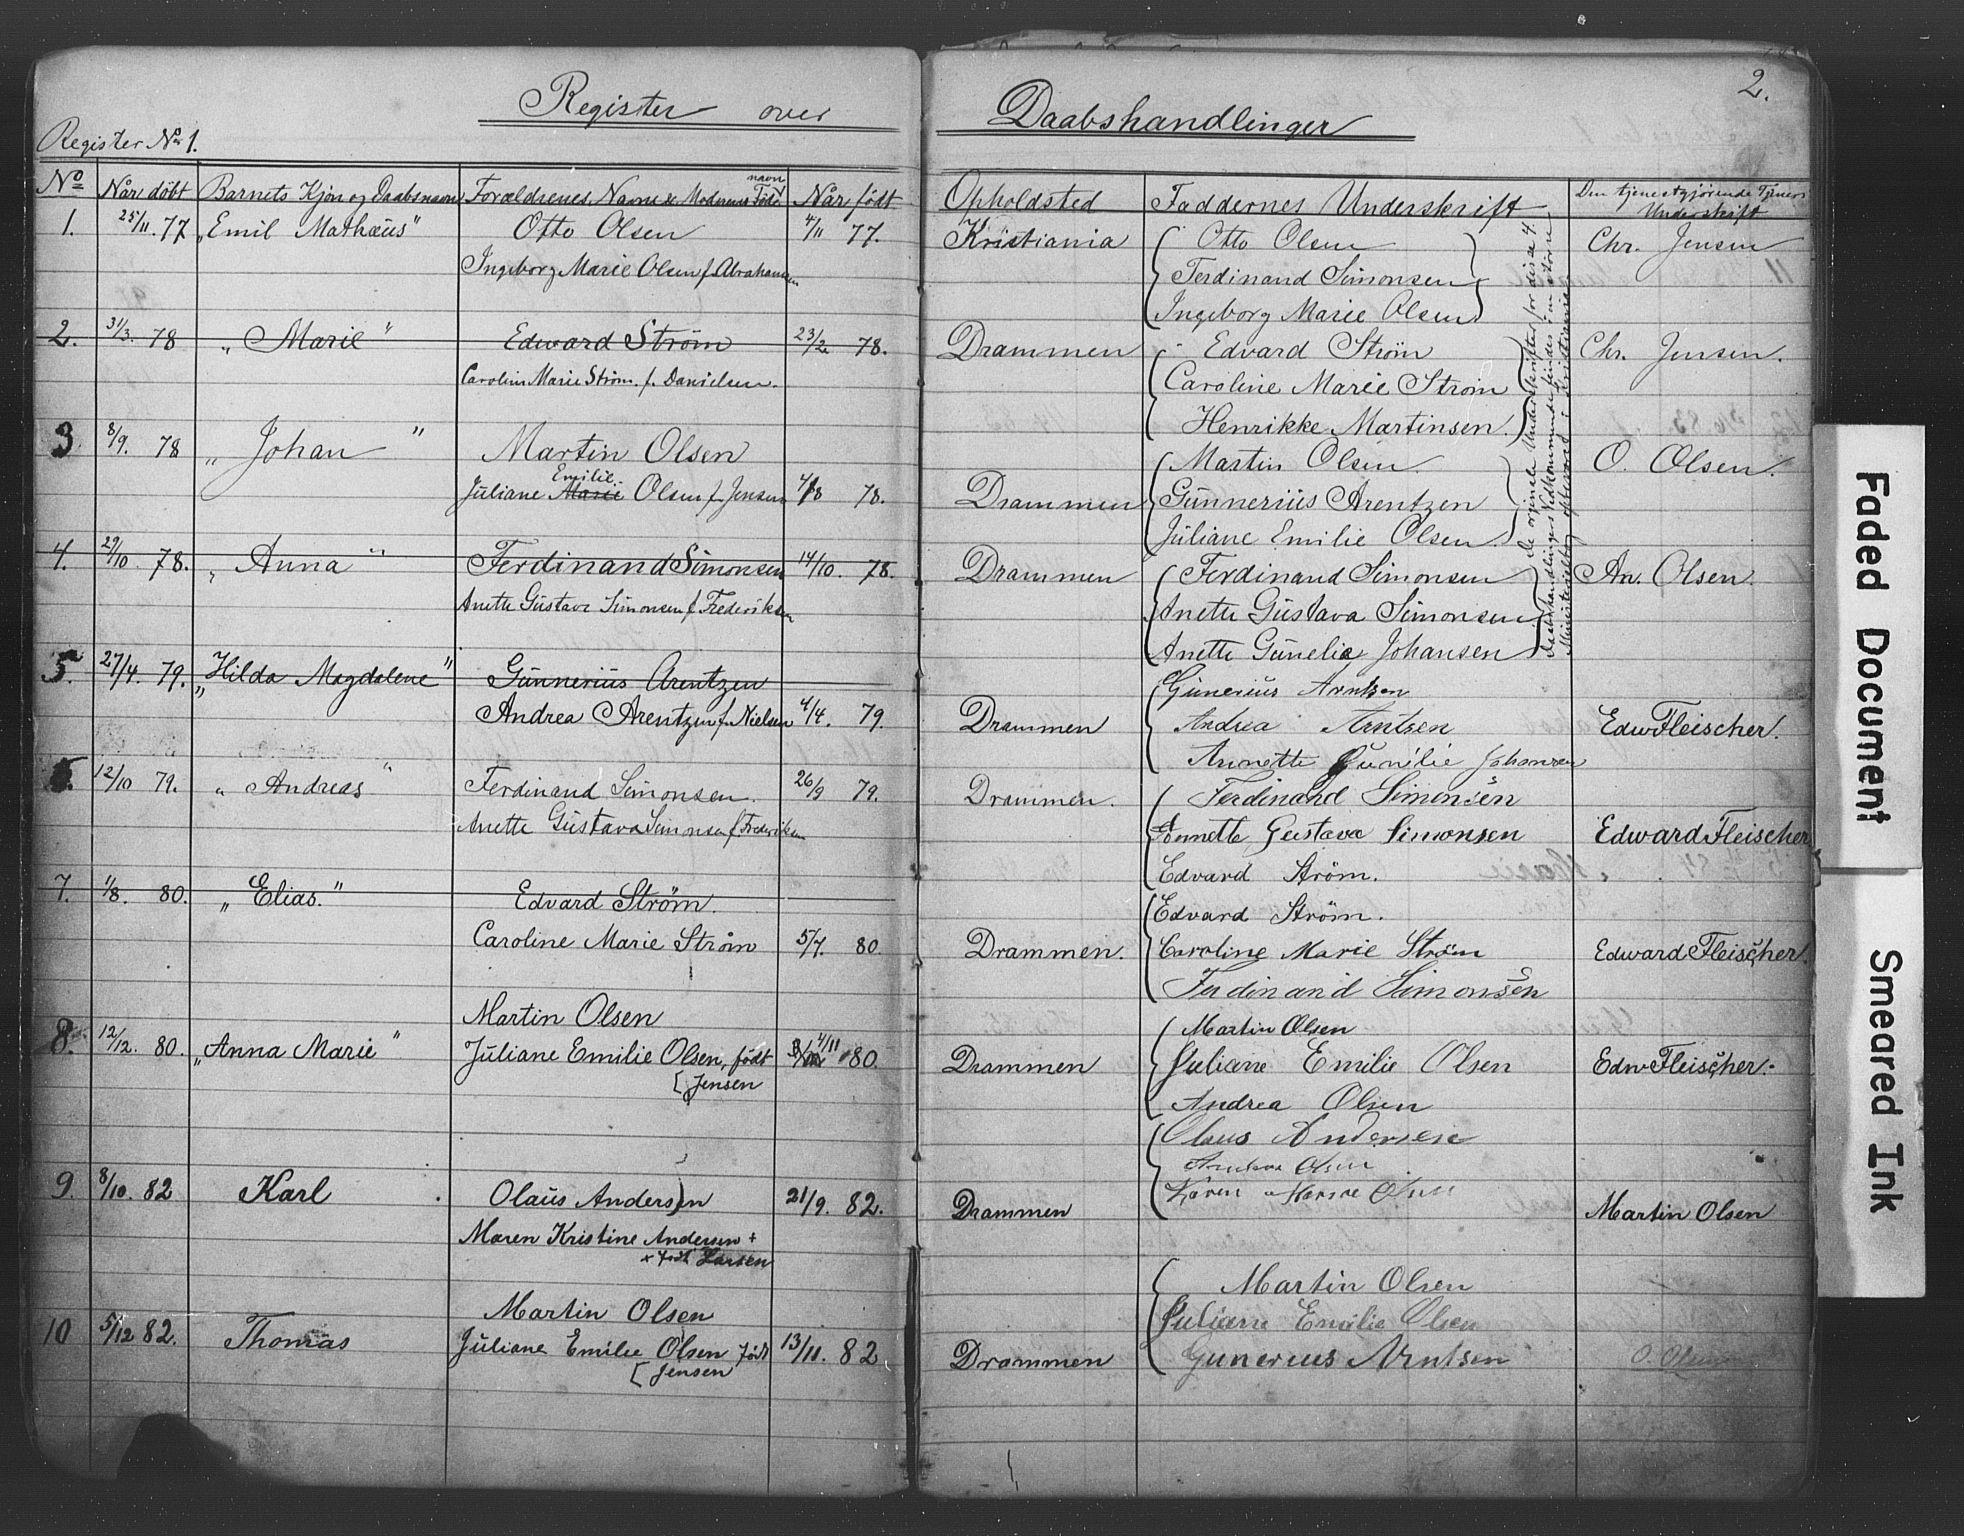 SAKO, Den katolsk-apostoliske menighet i Drammen, H/Ha/L0001: Dissenterprotokoll nr. 1, 1877-1899, s. 2